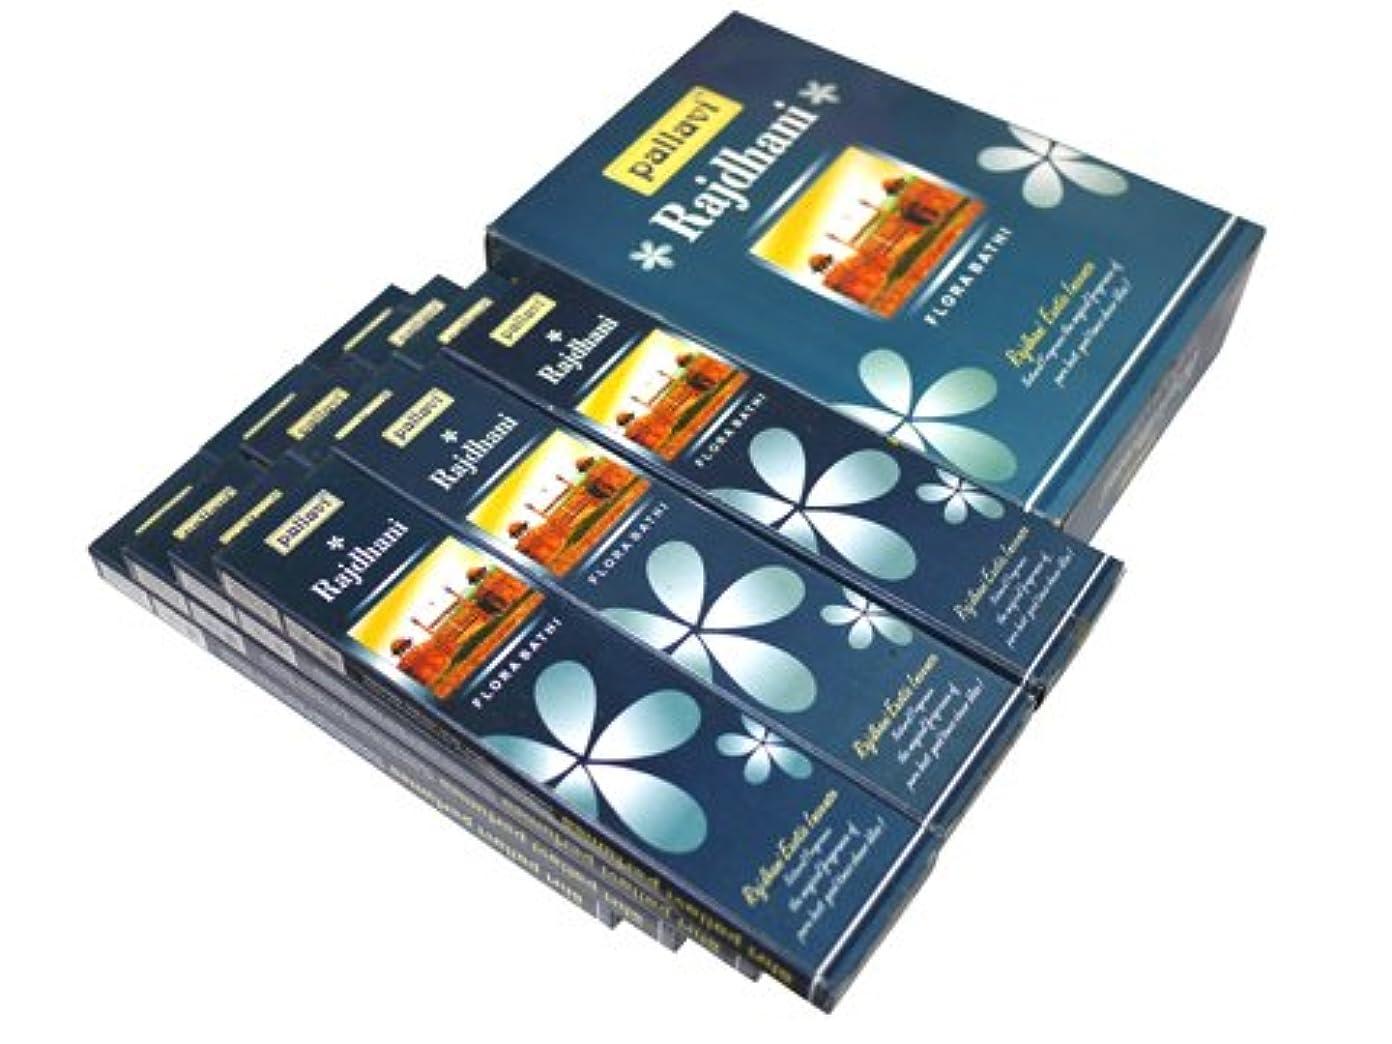 必需品にはまってうぬぼれたSHRI PALLAVI(シリ パラヴィ) RAJDHANI ラージダーニ香 スティック 12箱セット